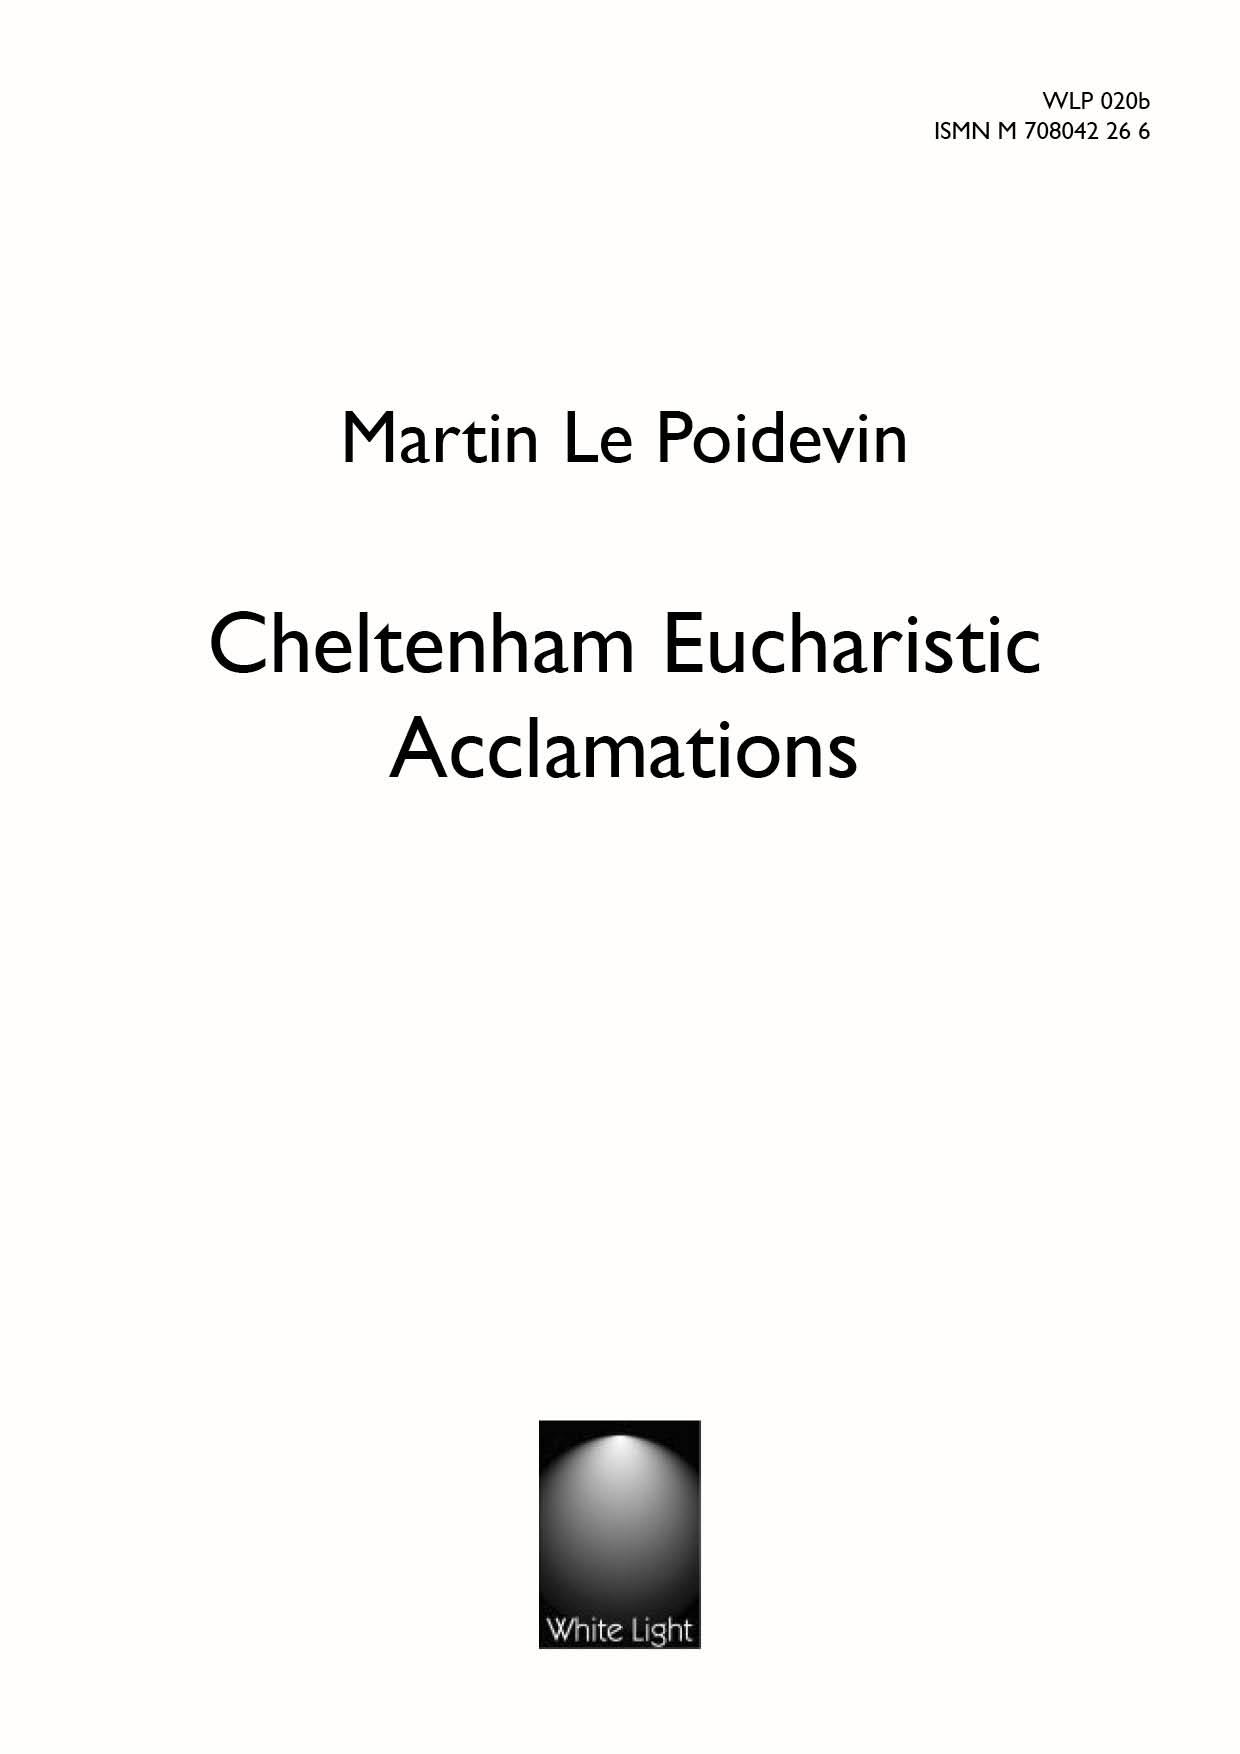 Cheltenham Eucharistic Acclamations